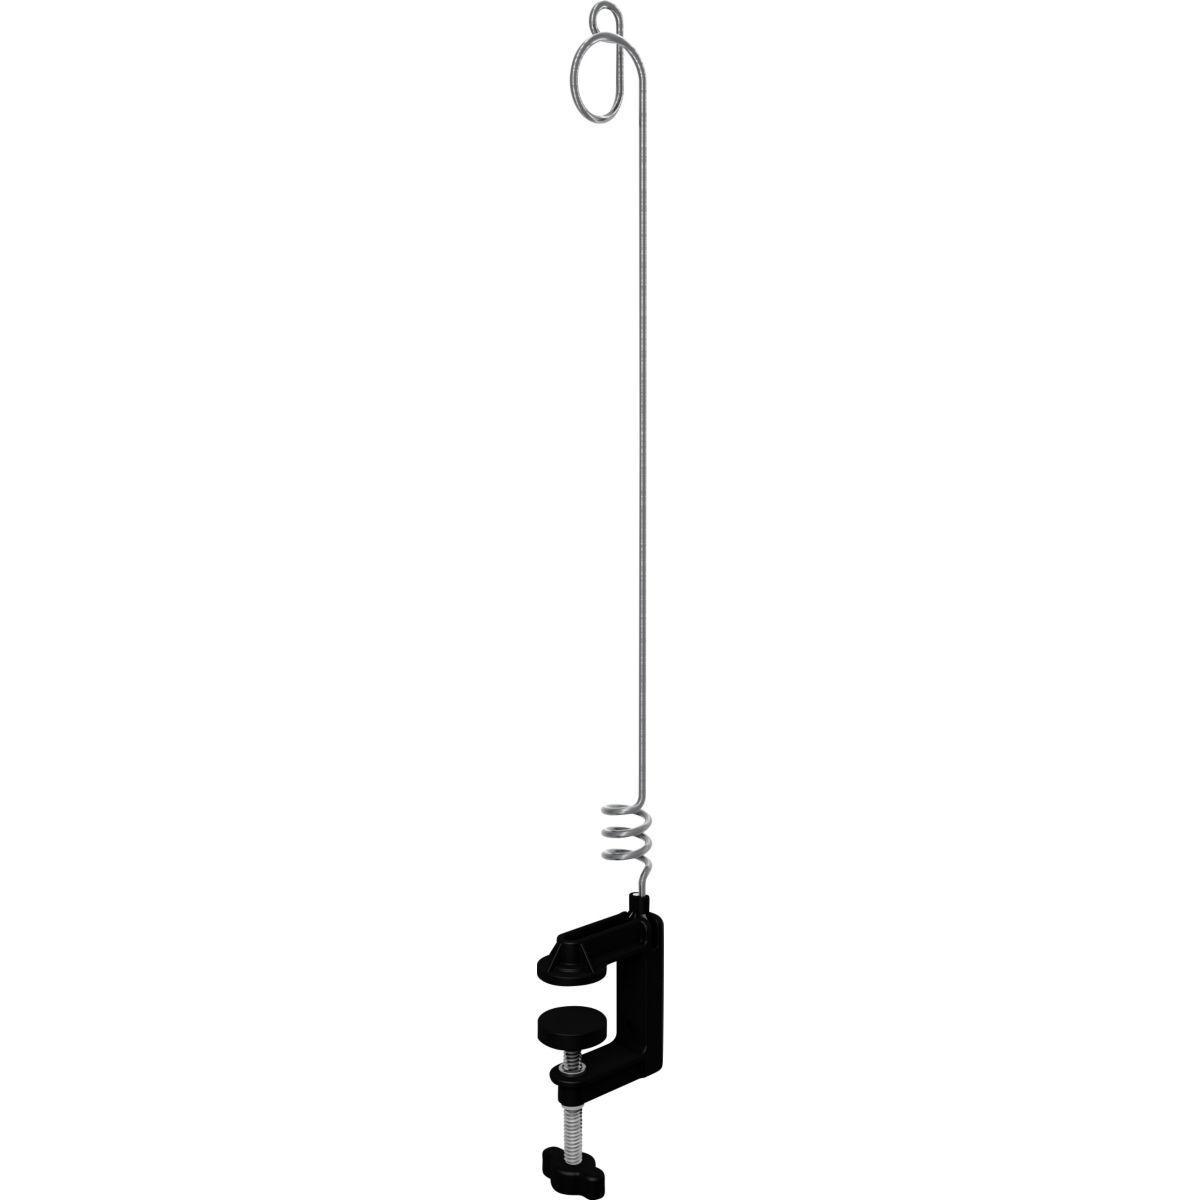 Accessoire laurastar guide-fil pour câble vapeur - produit coup de coeur webdistrib.com !